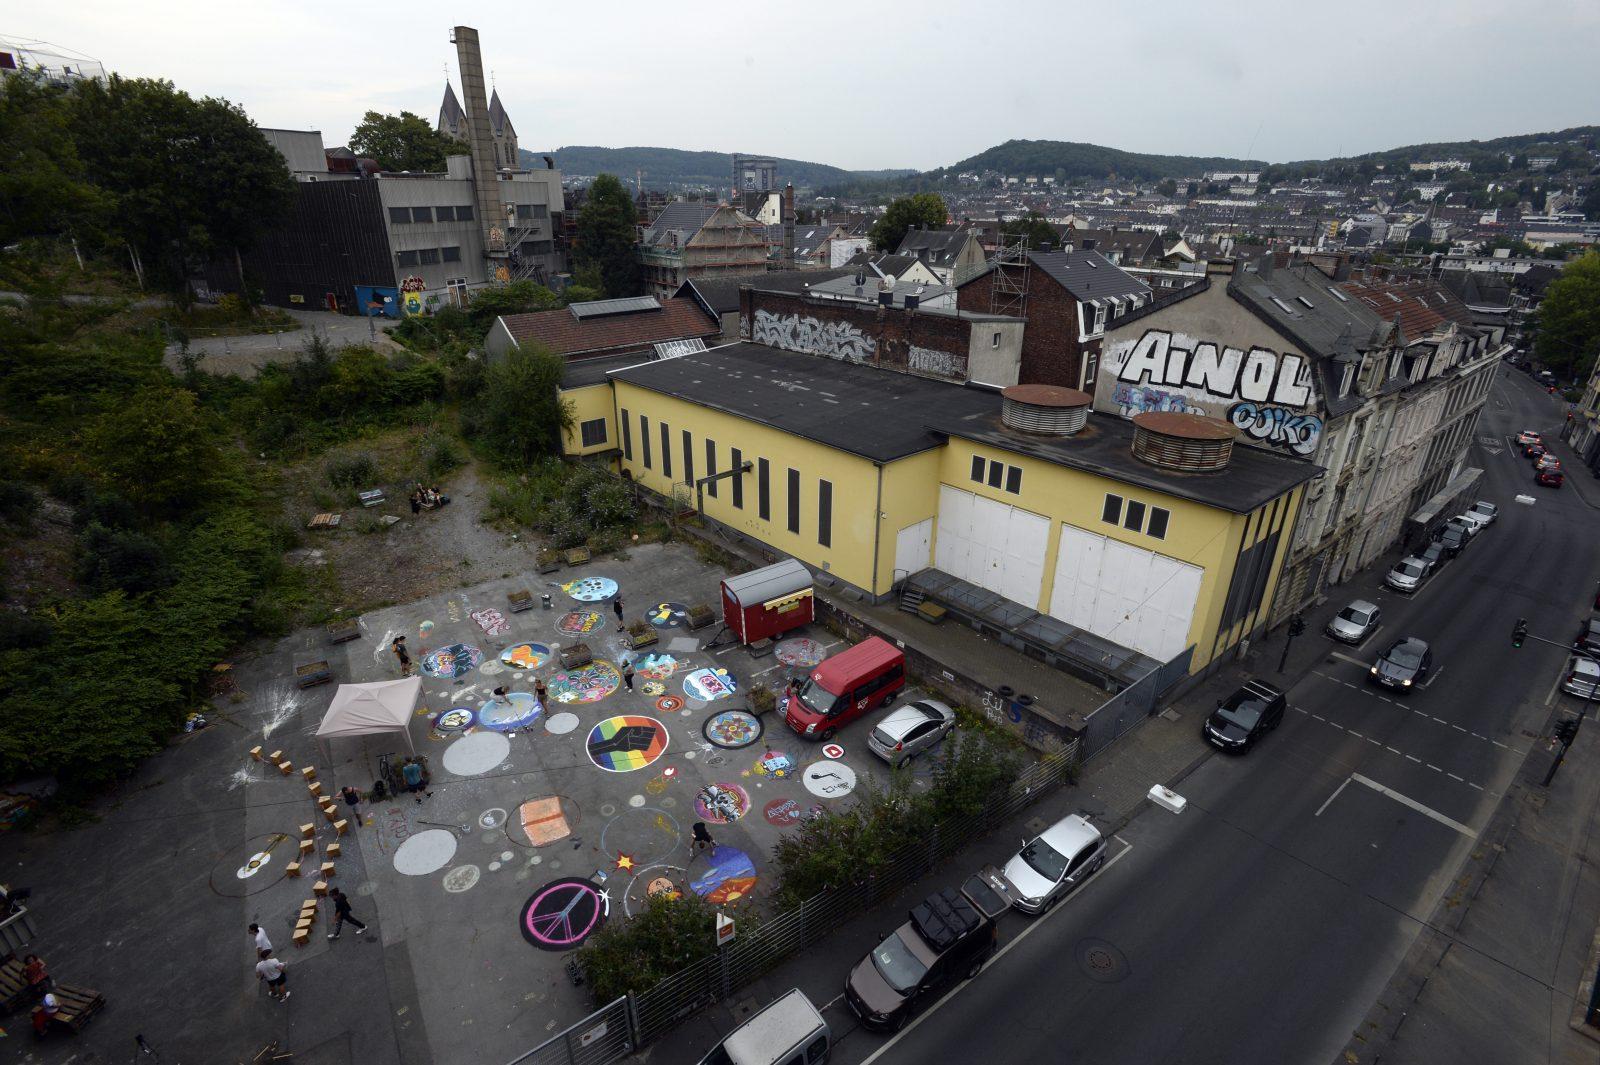 Foto: Jens Grossmann, (C) IB JMDiQ Wuppertal